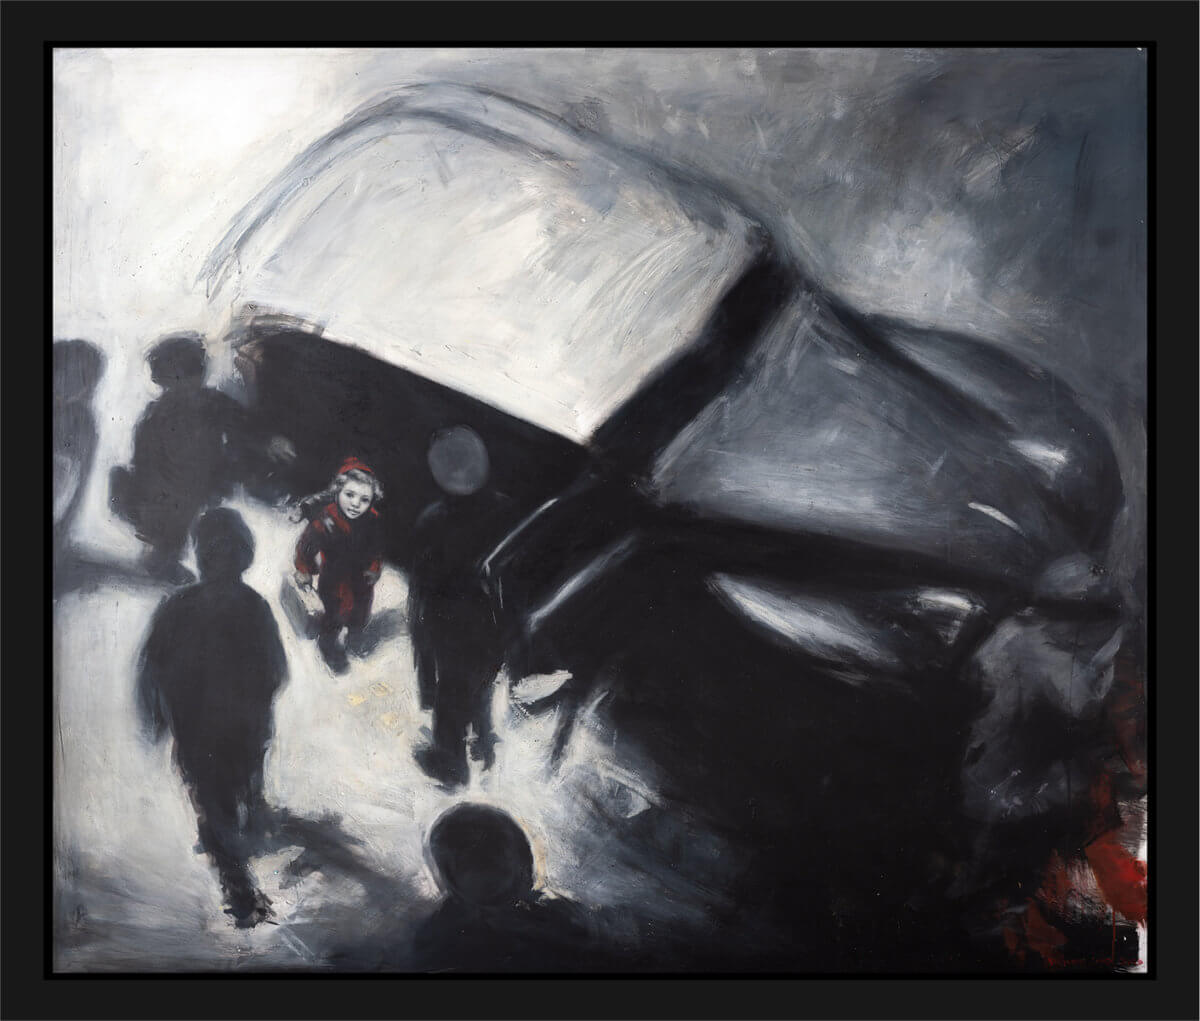 Ellinor står i en rød kappe ved siden av en bil. Akryl på plate, maleri av Vebjørn Sand.